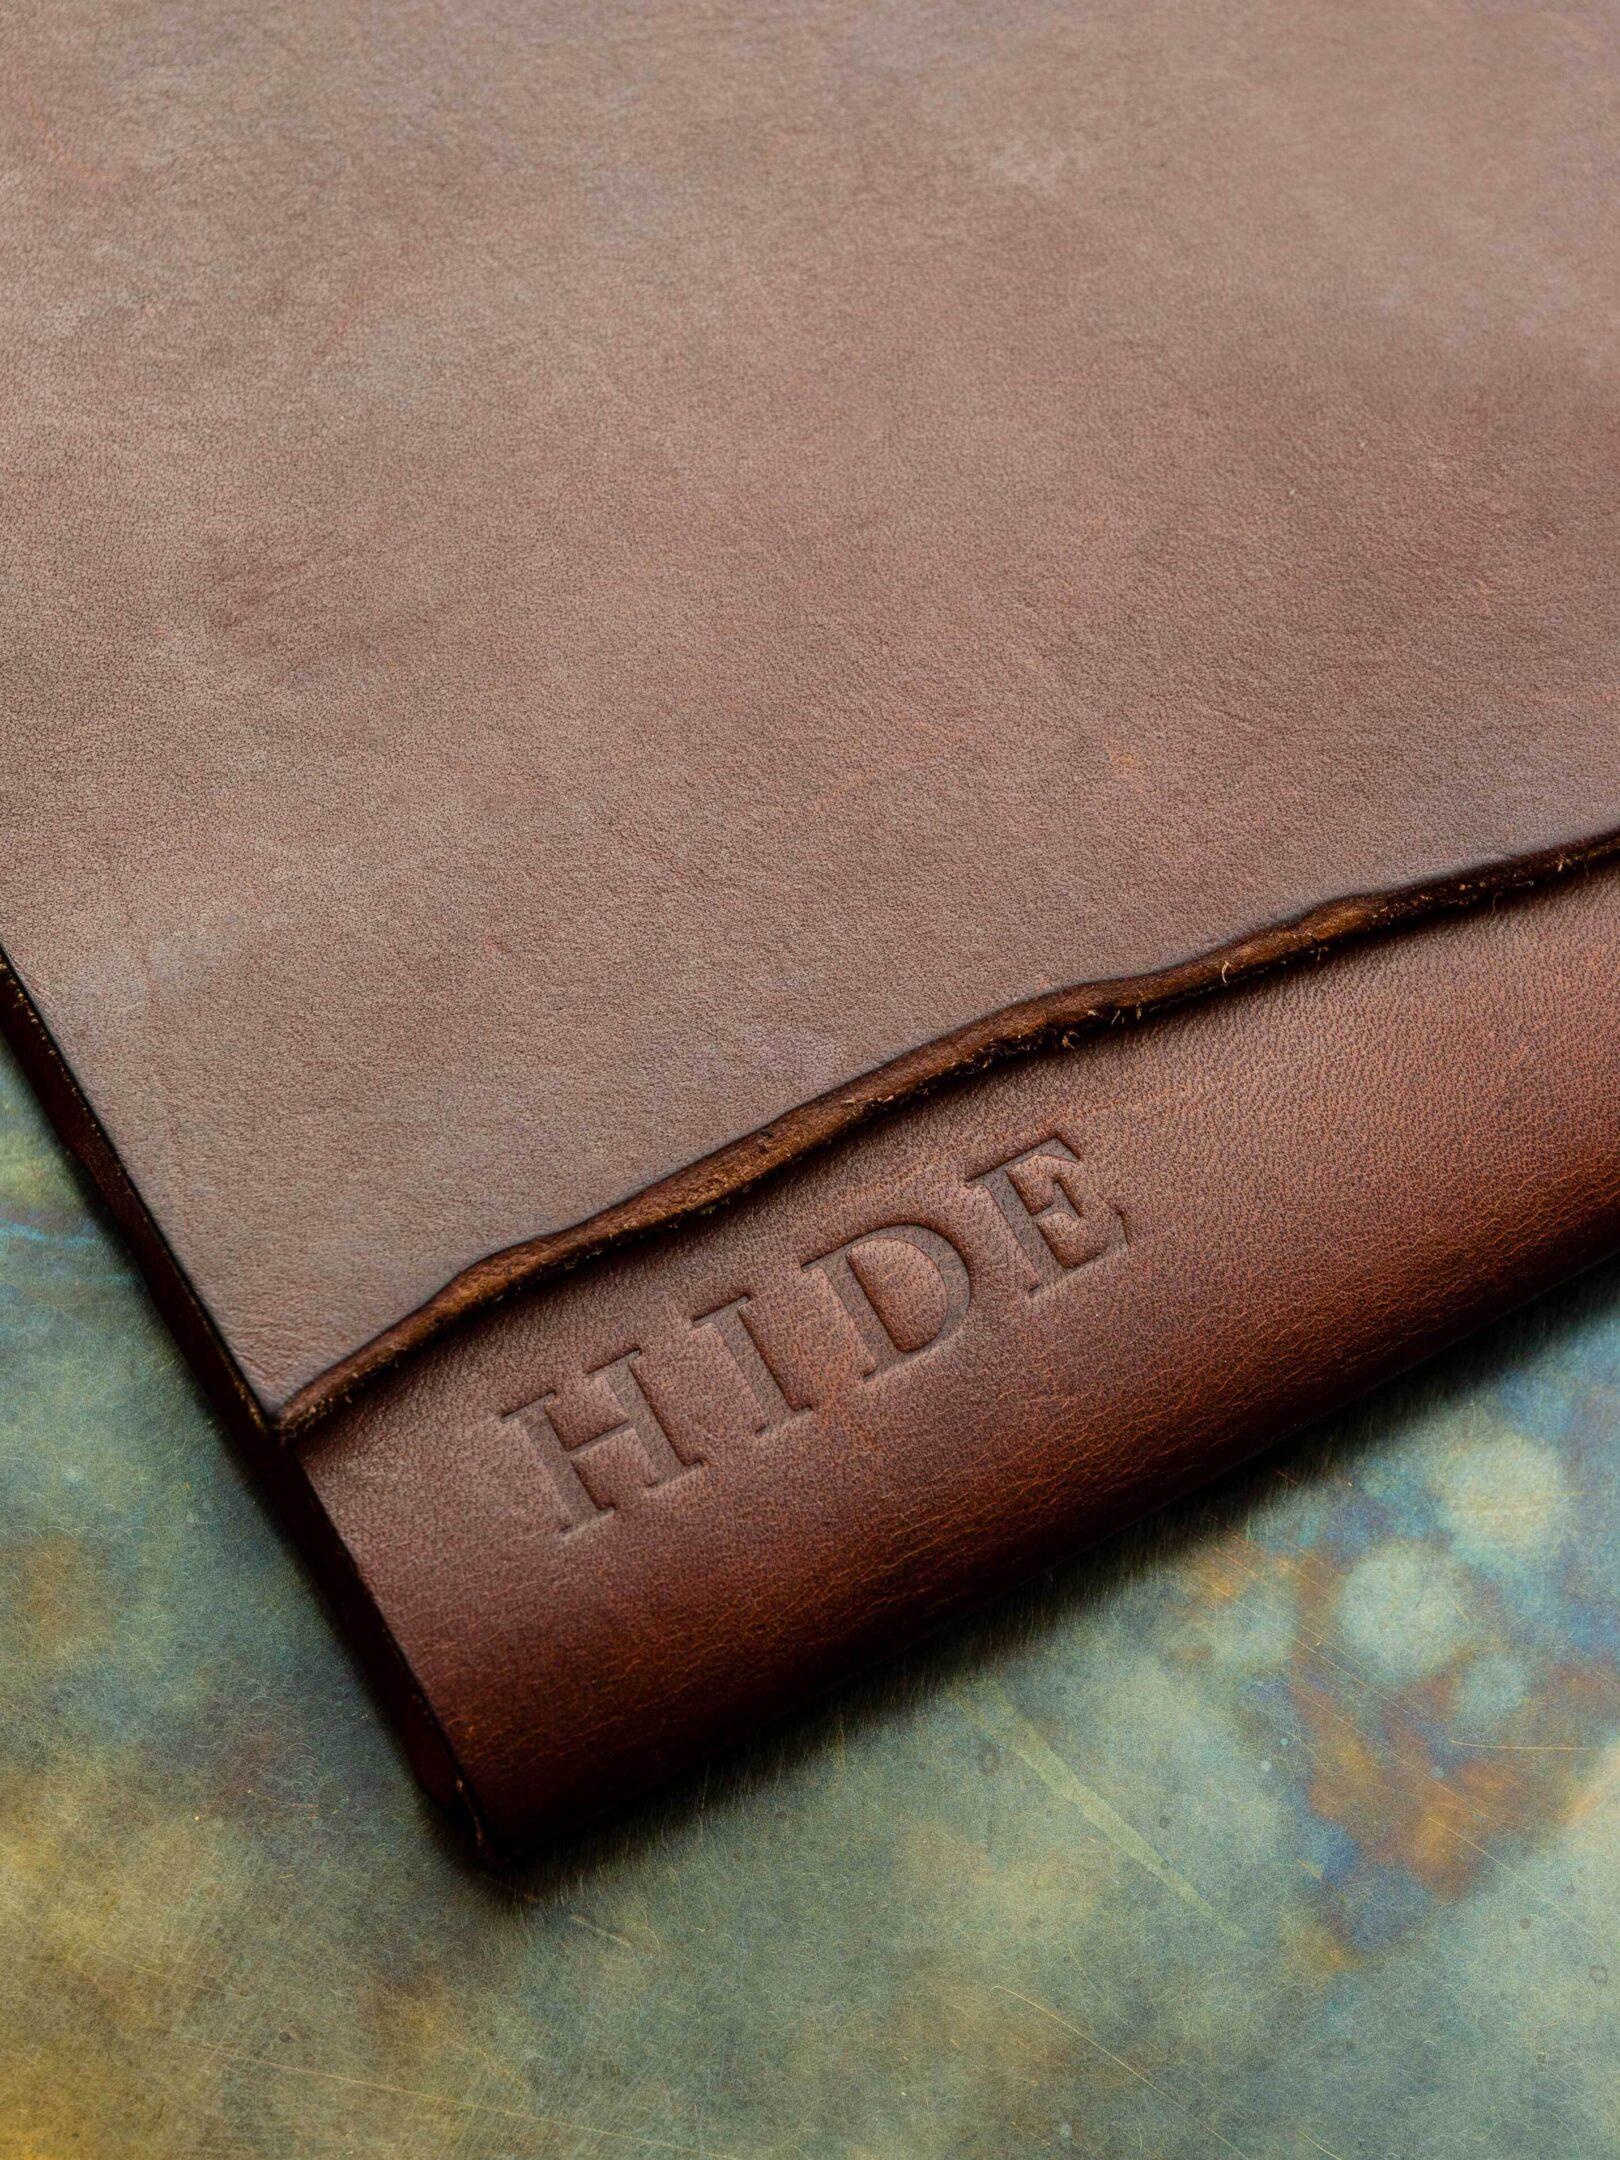 HIDE7167 N3 Crop